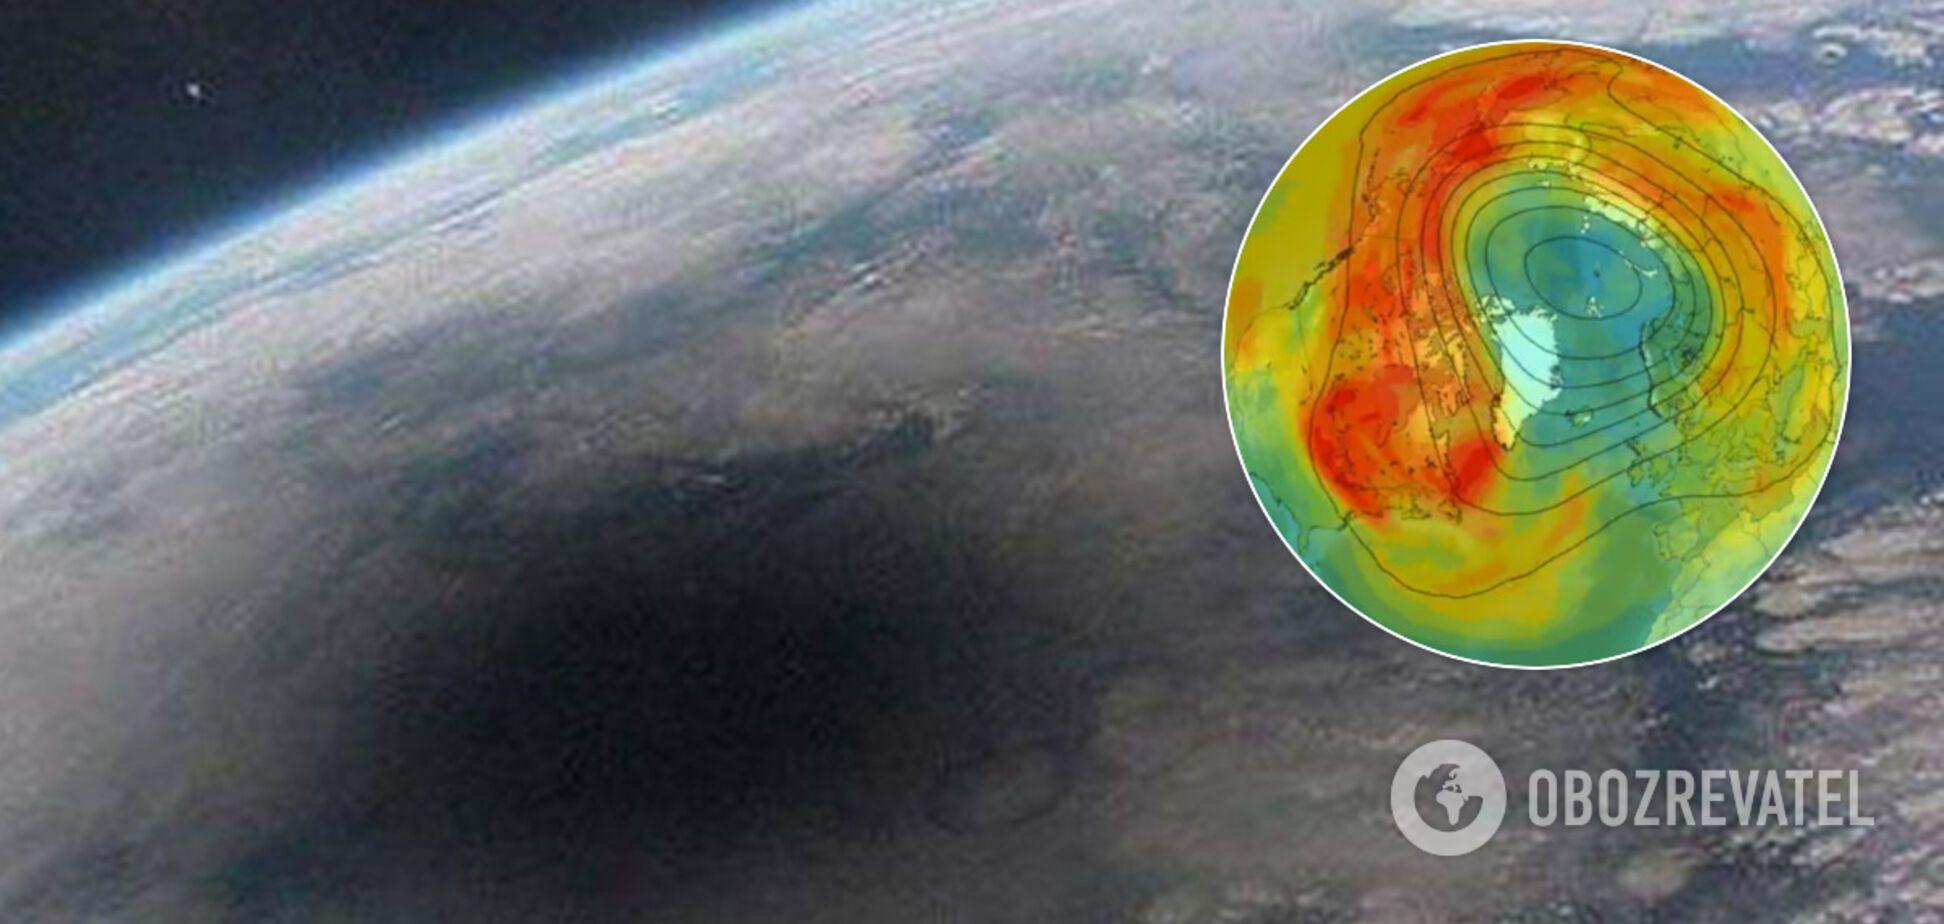 Над Арктикою затягнулася величезна озонова діра: вчені пояснили аномалію. Відео